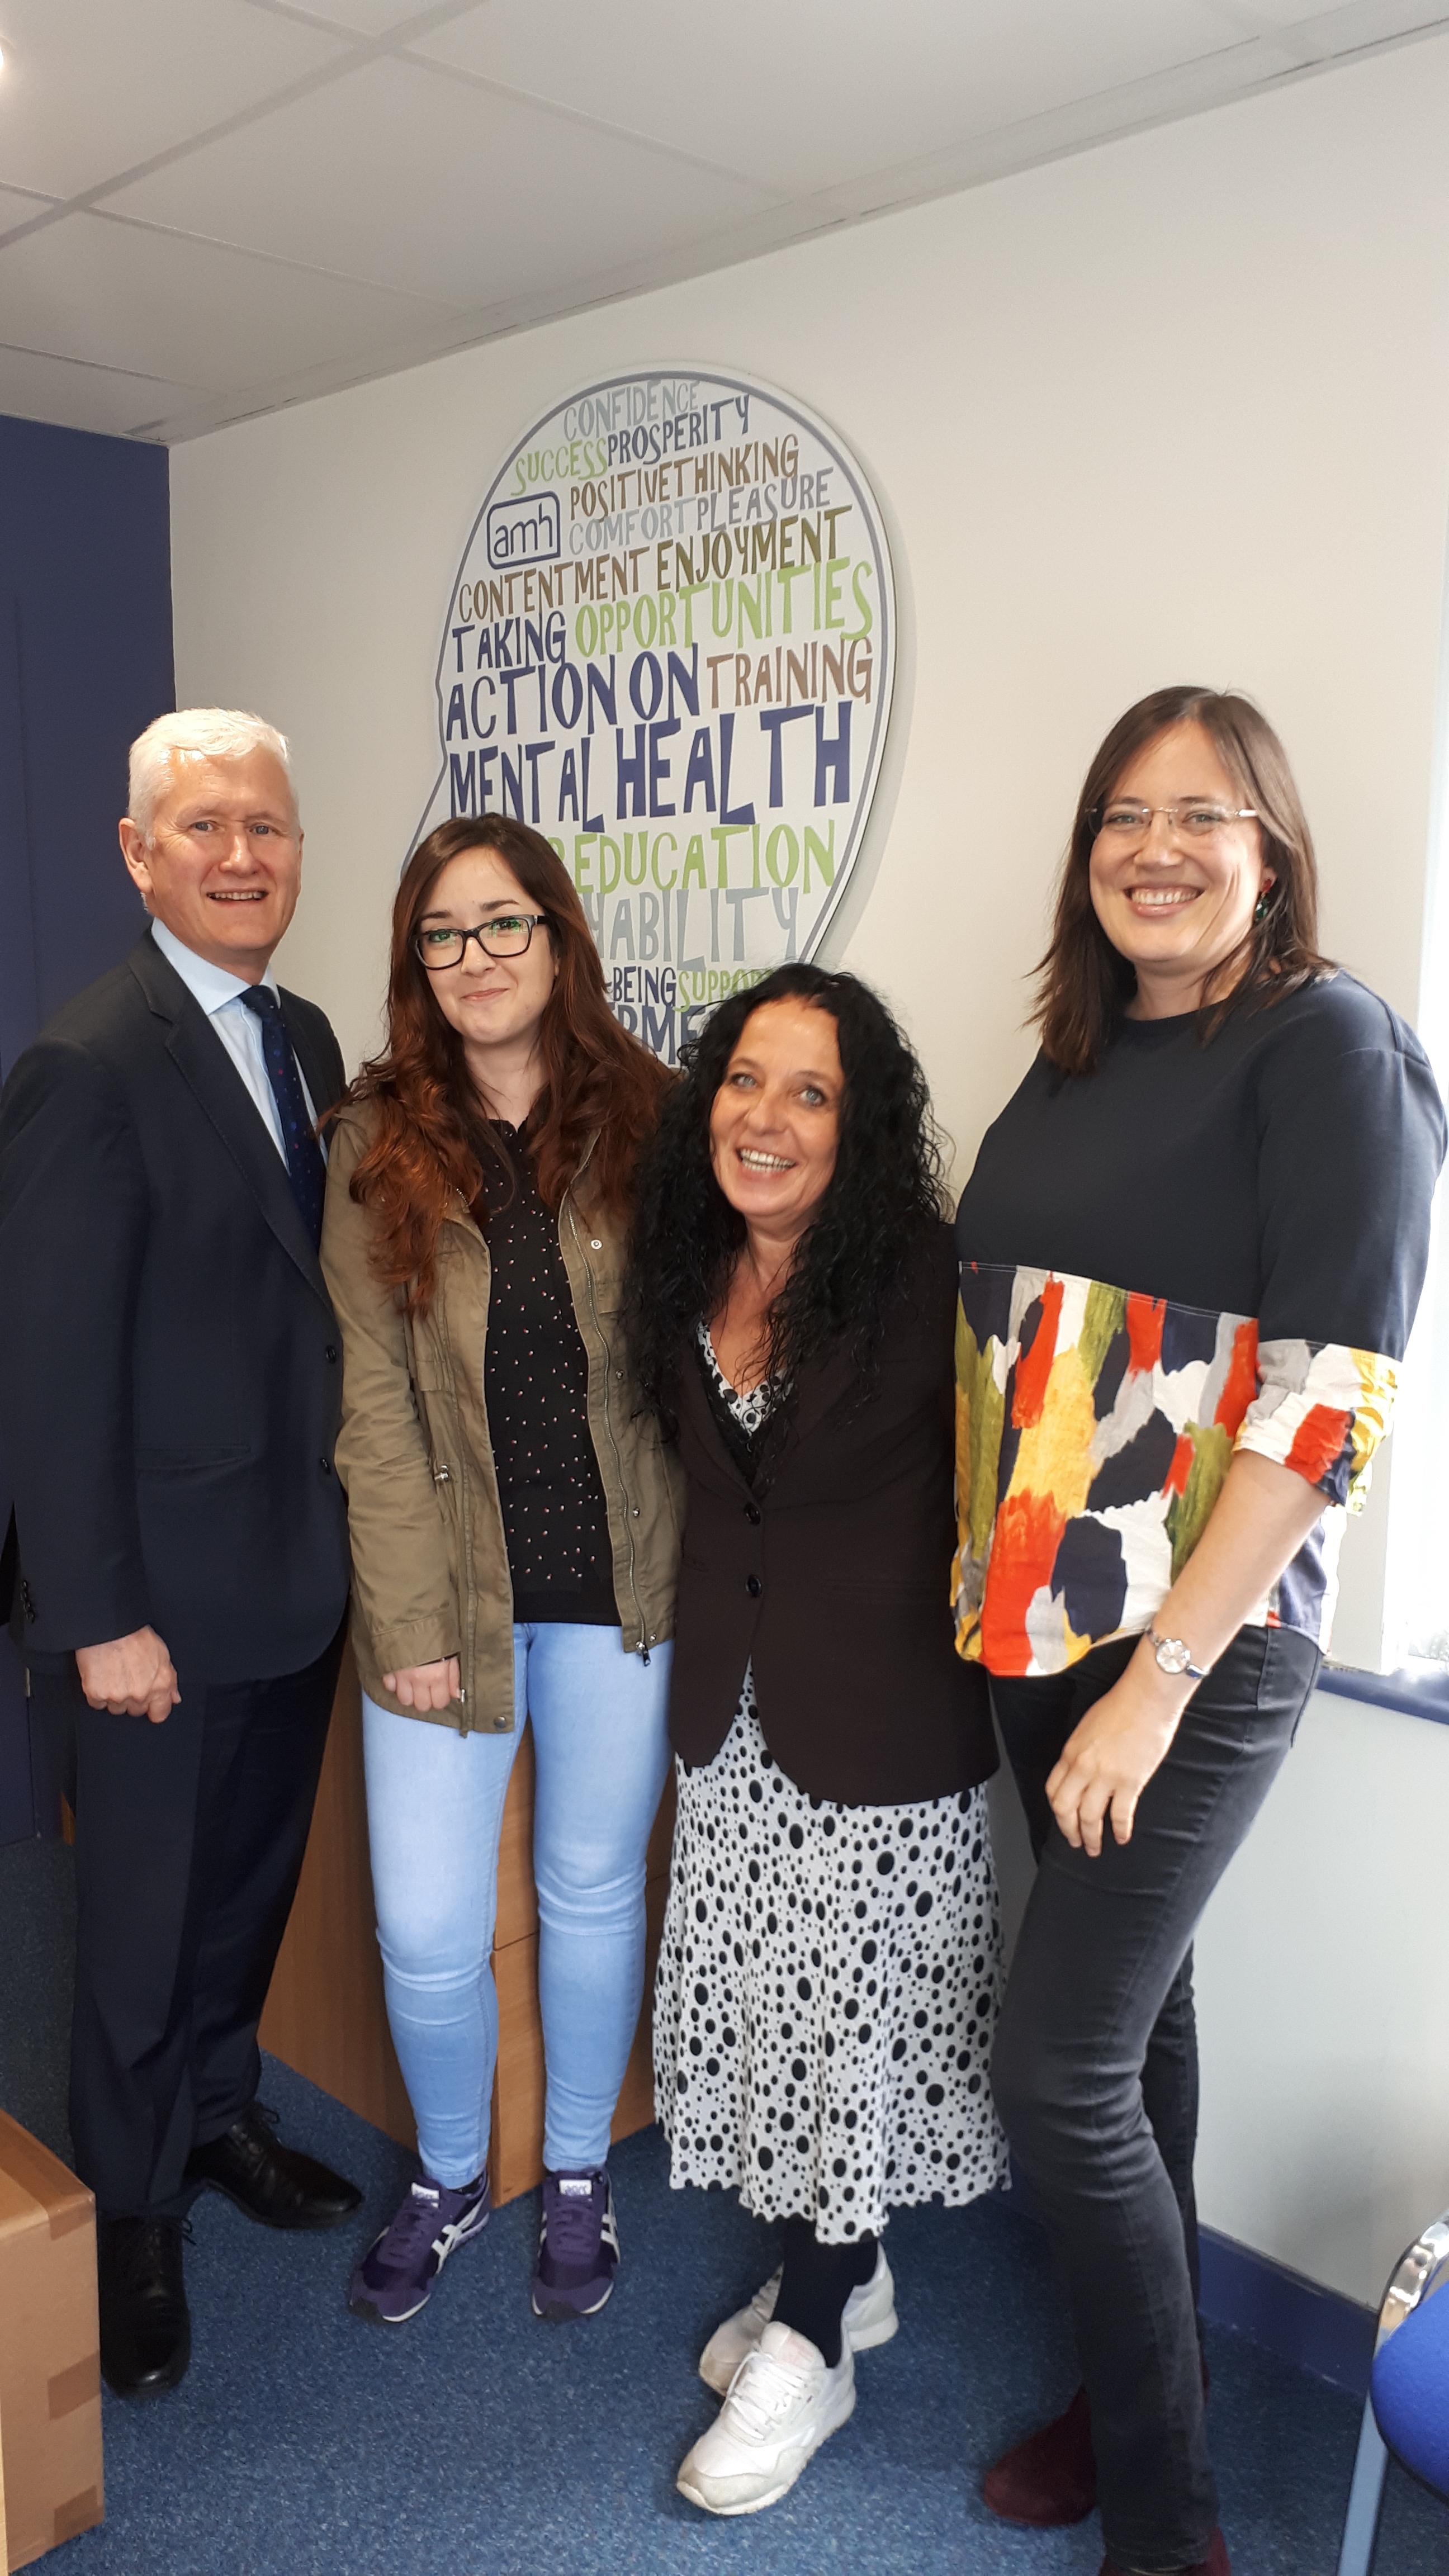 David Babington (Chief Executive, AMH), Terry Amorese (ESR, UVA), Anna Esposito (Prof., UVA), Zoraida Callejas (Prof., UGR)